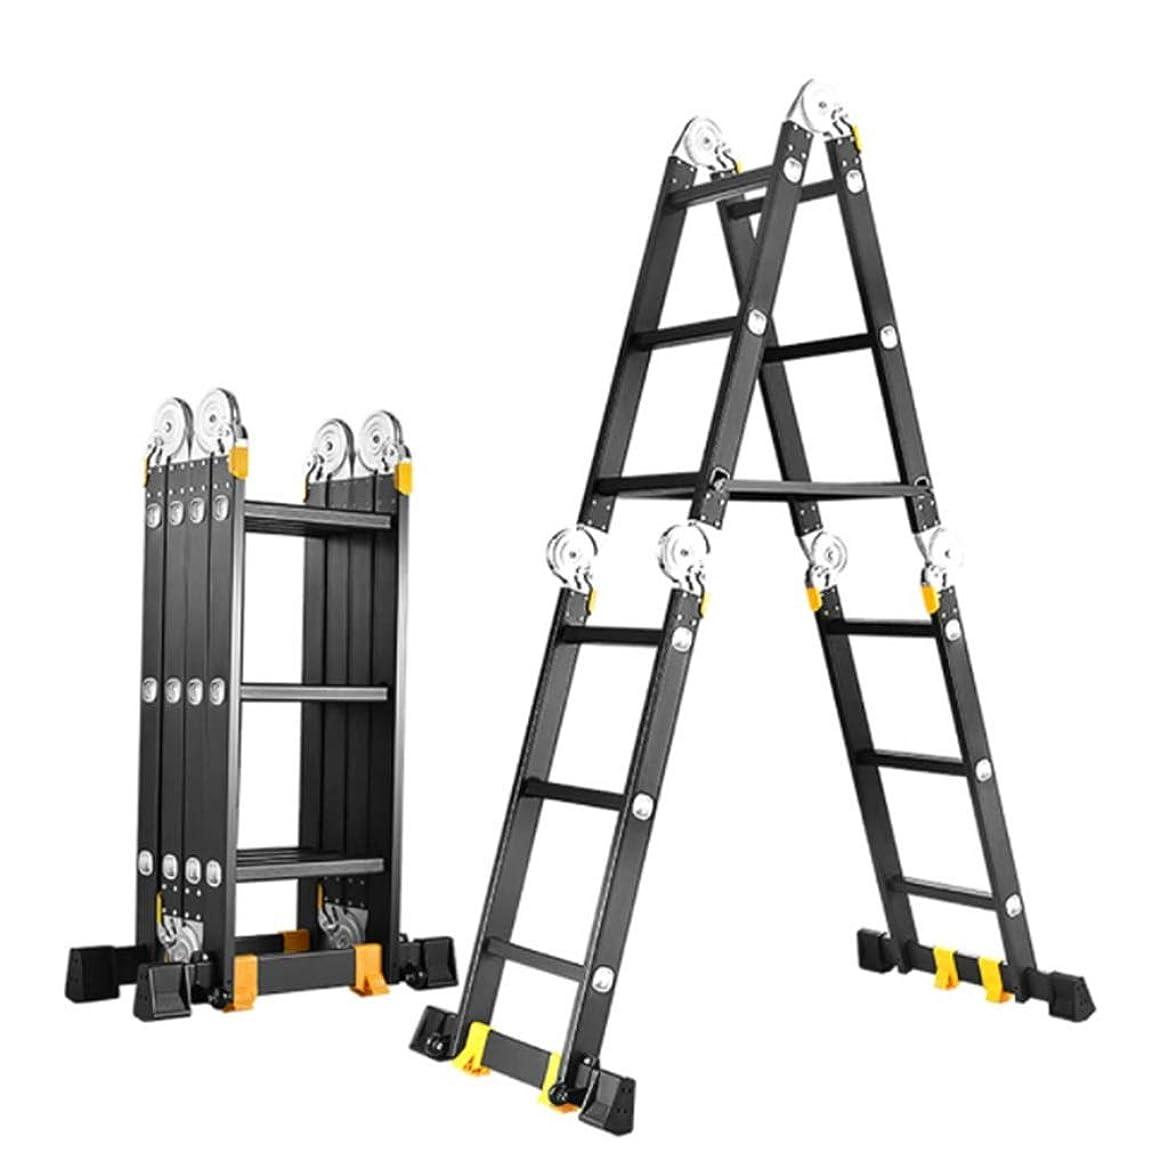 裕福なデュアル公平なXEWNEG 折りたたみ梯子、多機能アルミ梯子、プーリーとバランスバー付きのポータブルエンジニアリング梯子、 (Size : Straight 5.8M= Herringbone 2.8M)